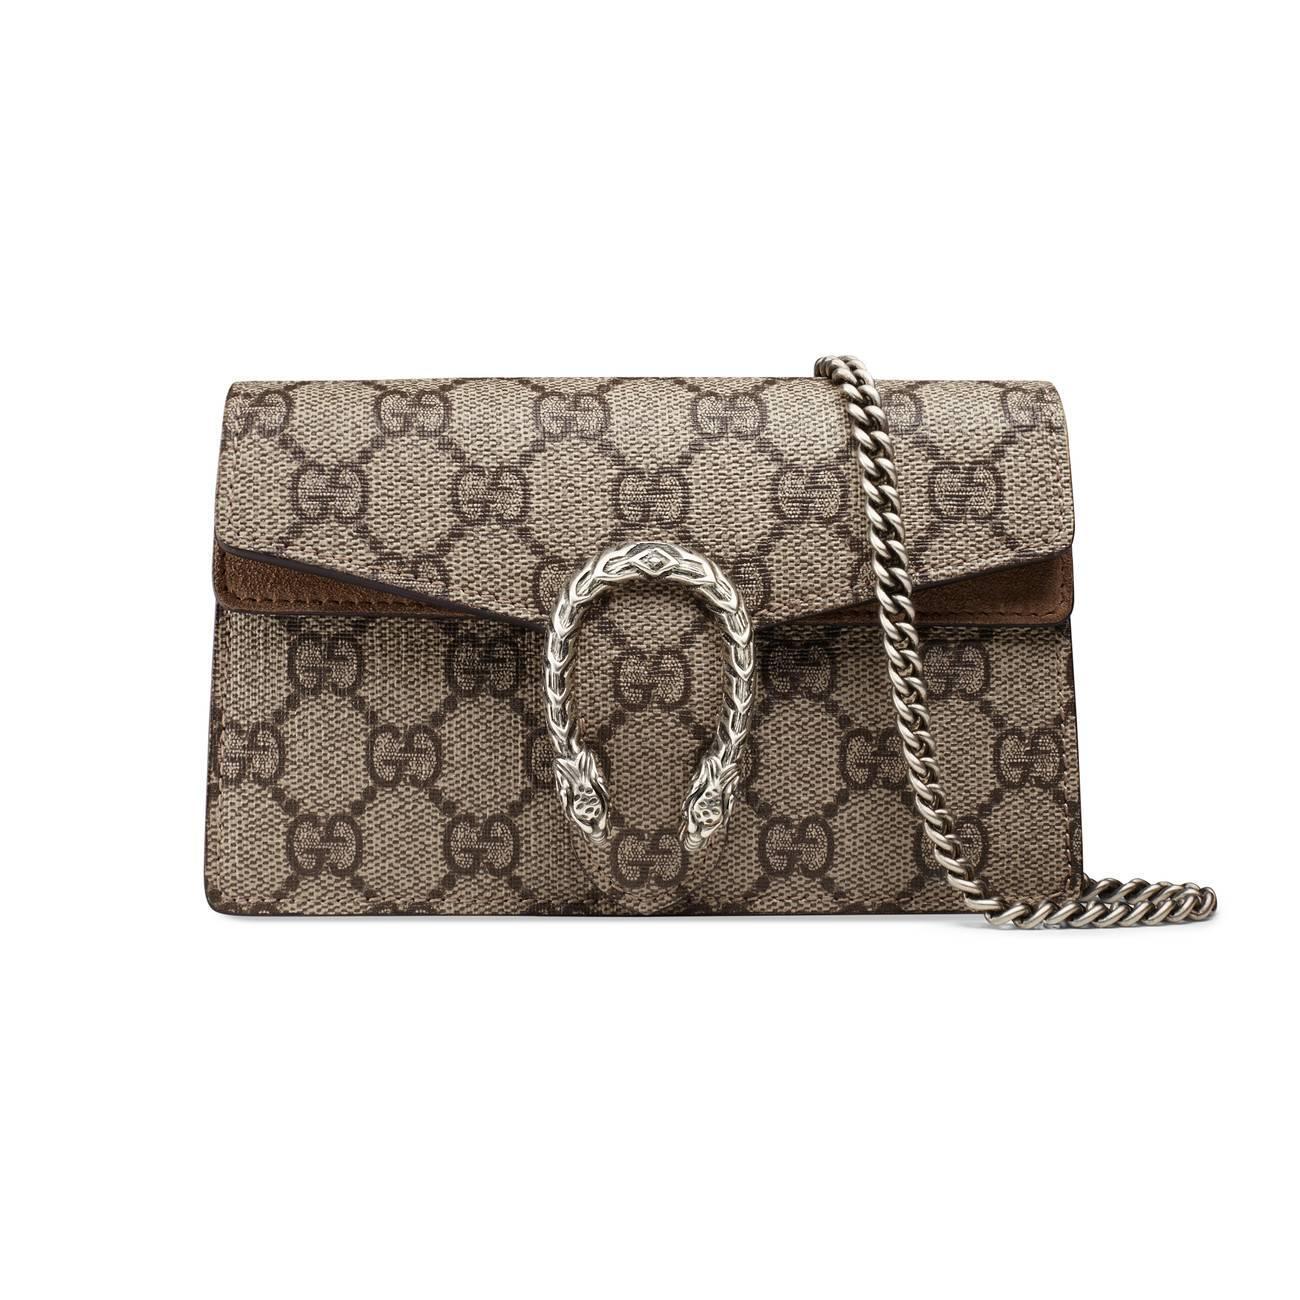 53ac5657914a Gucci Beige Dionysus GG Supreme Super Mini Bag - Save 7% - Lyst